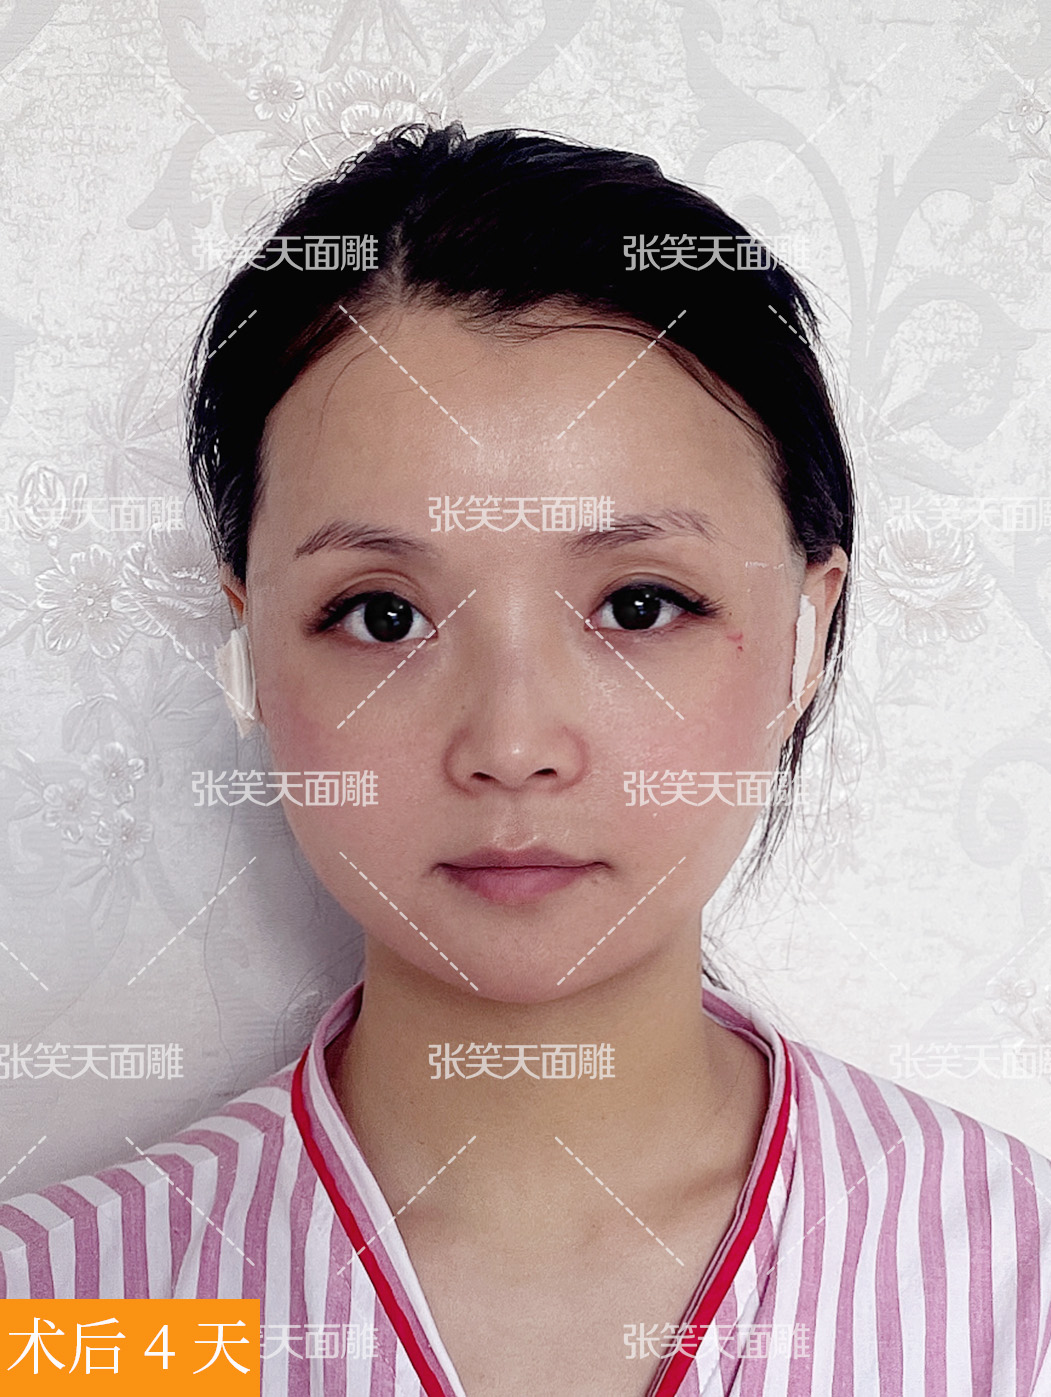 颧骨颧弓内推+超长曲线截骨,术后脸型柔和匀称了!